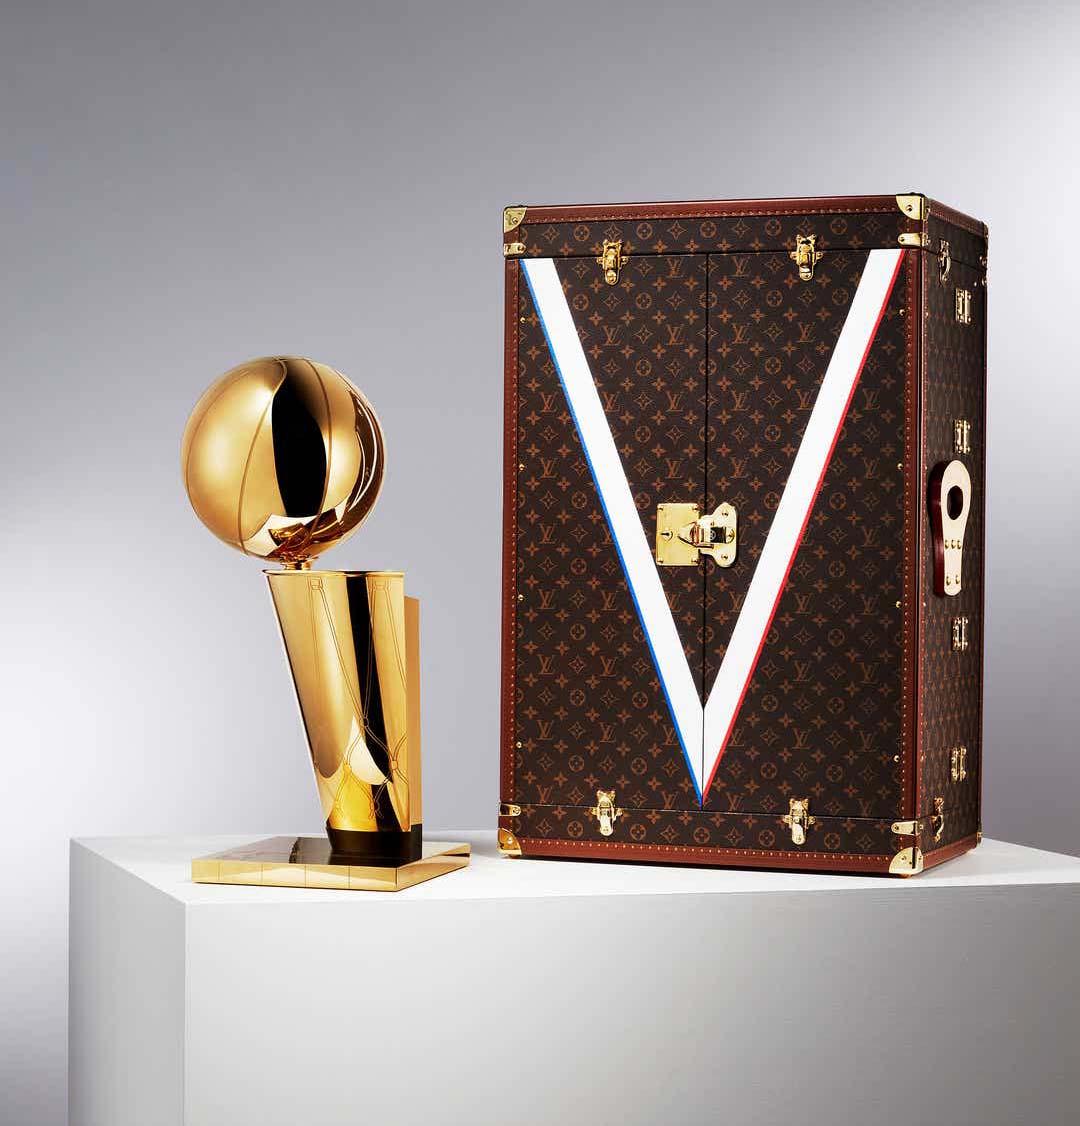 Louis Vuitton NBA Trophy Trunk Case